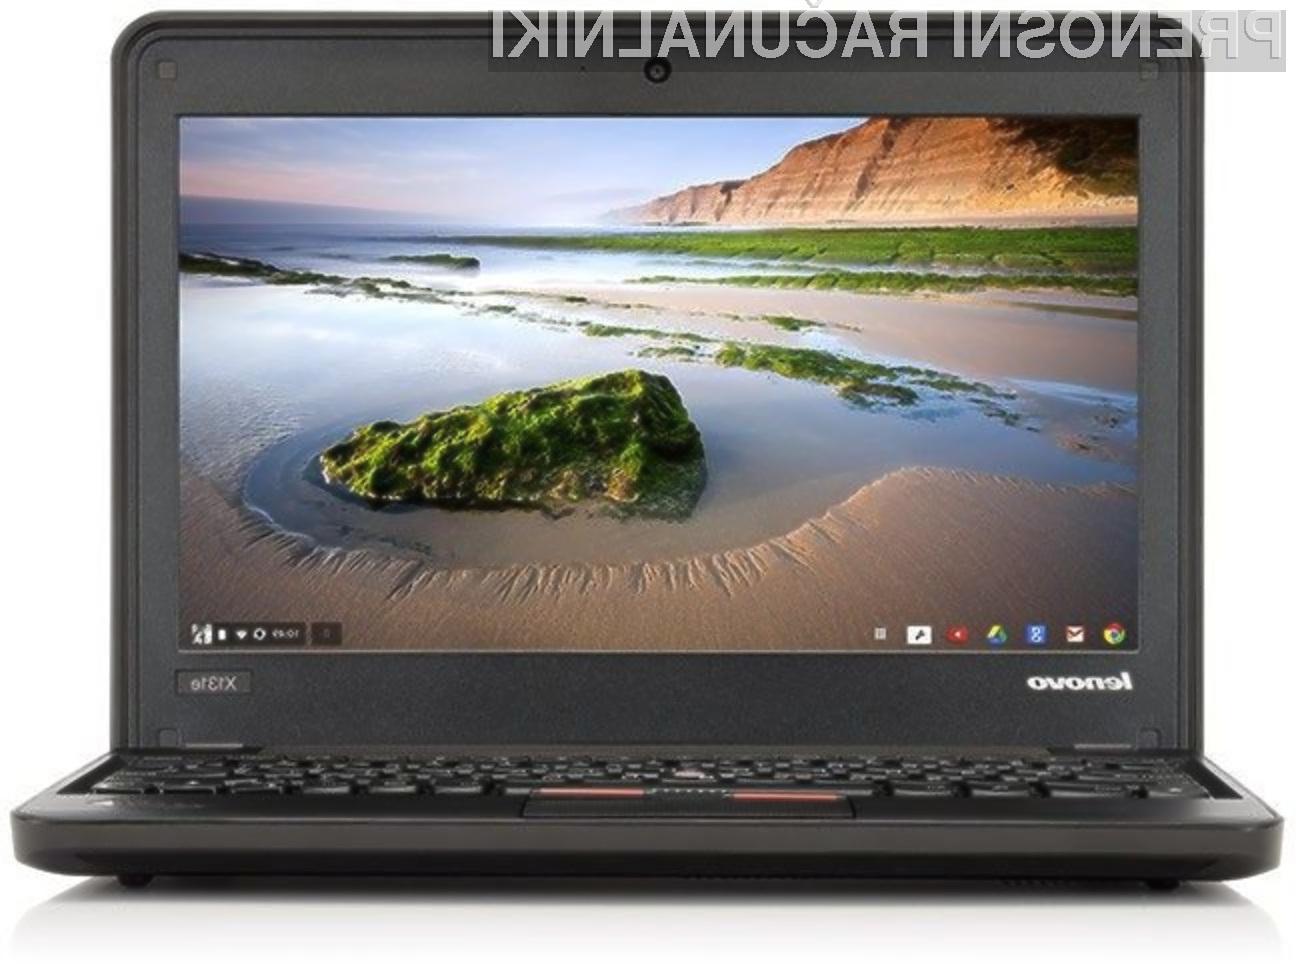 Thinkpad X131e Chromebook je prvi prenosnik podjetja Lenovo, ki poganja Googlov operacijski sistem Chrome OS.